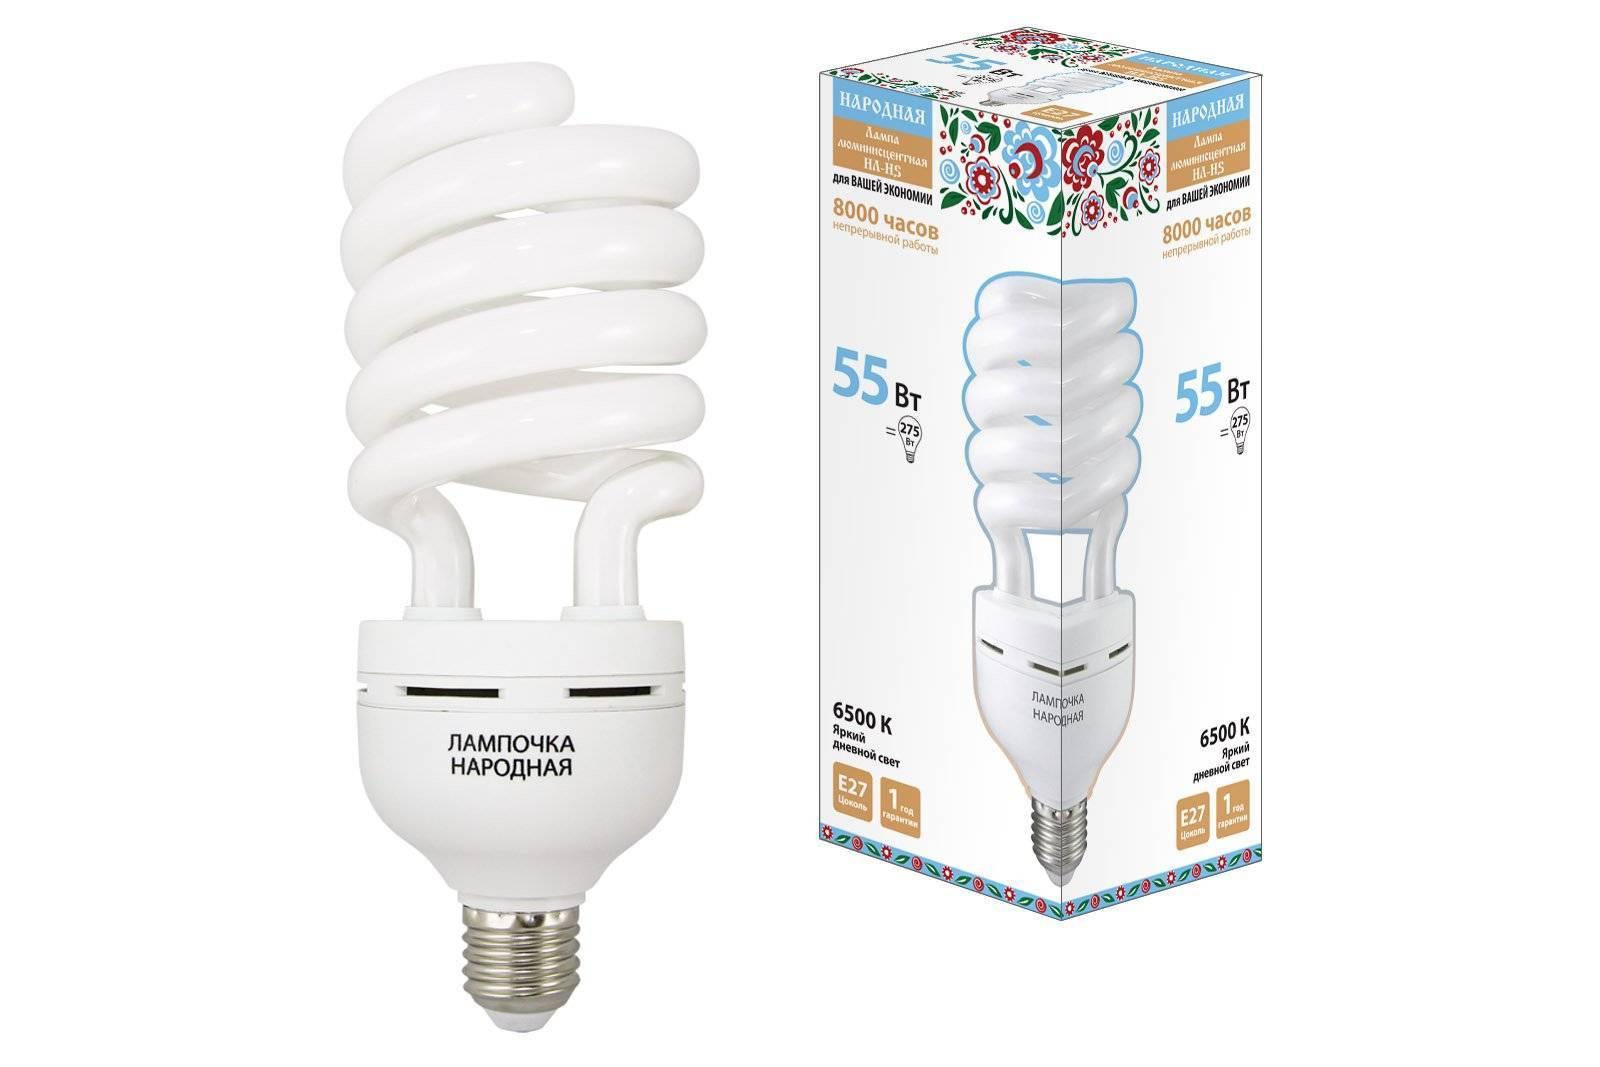 Компактные люминесцентные лампы: разновидности + обзор лучших производителей